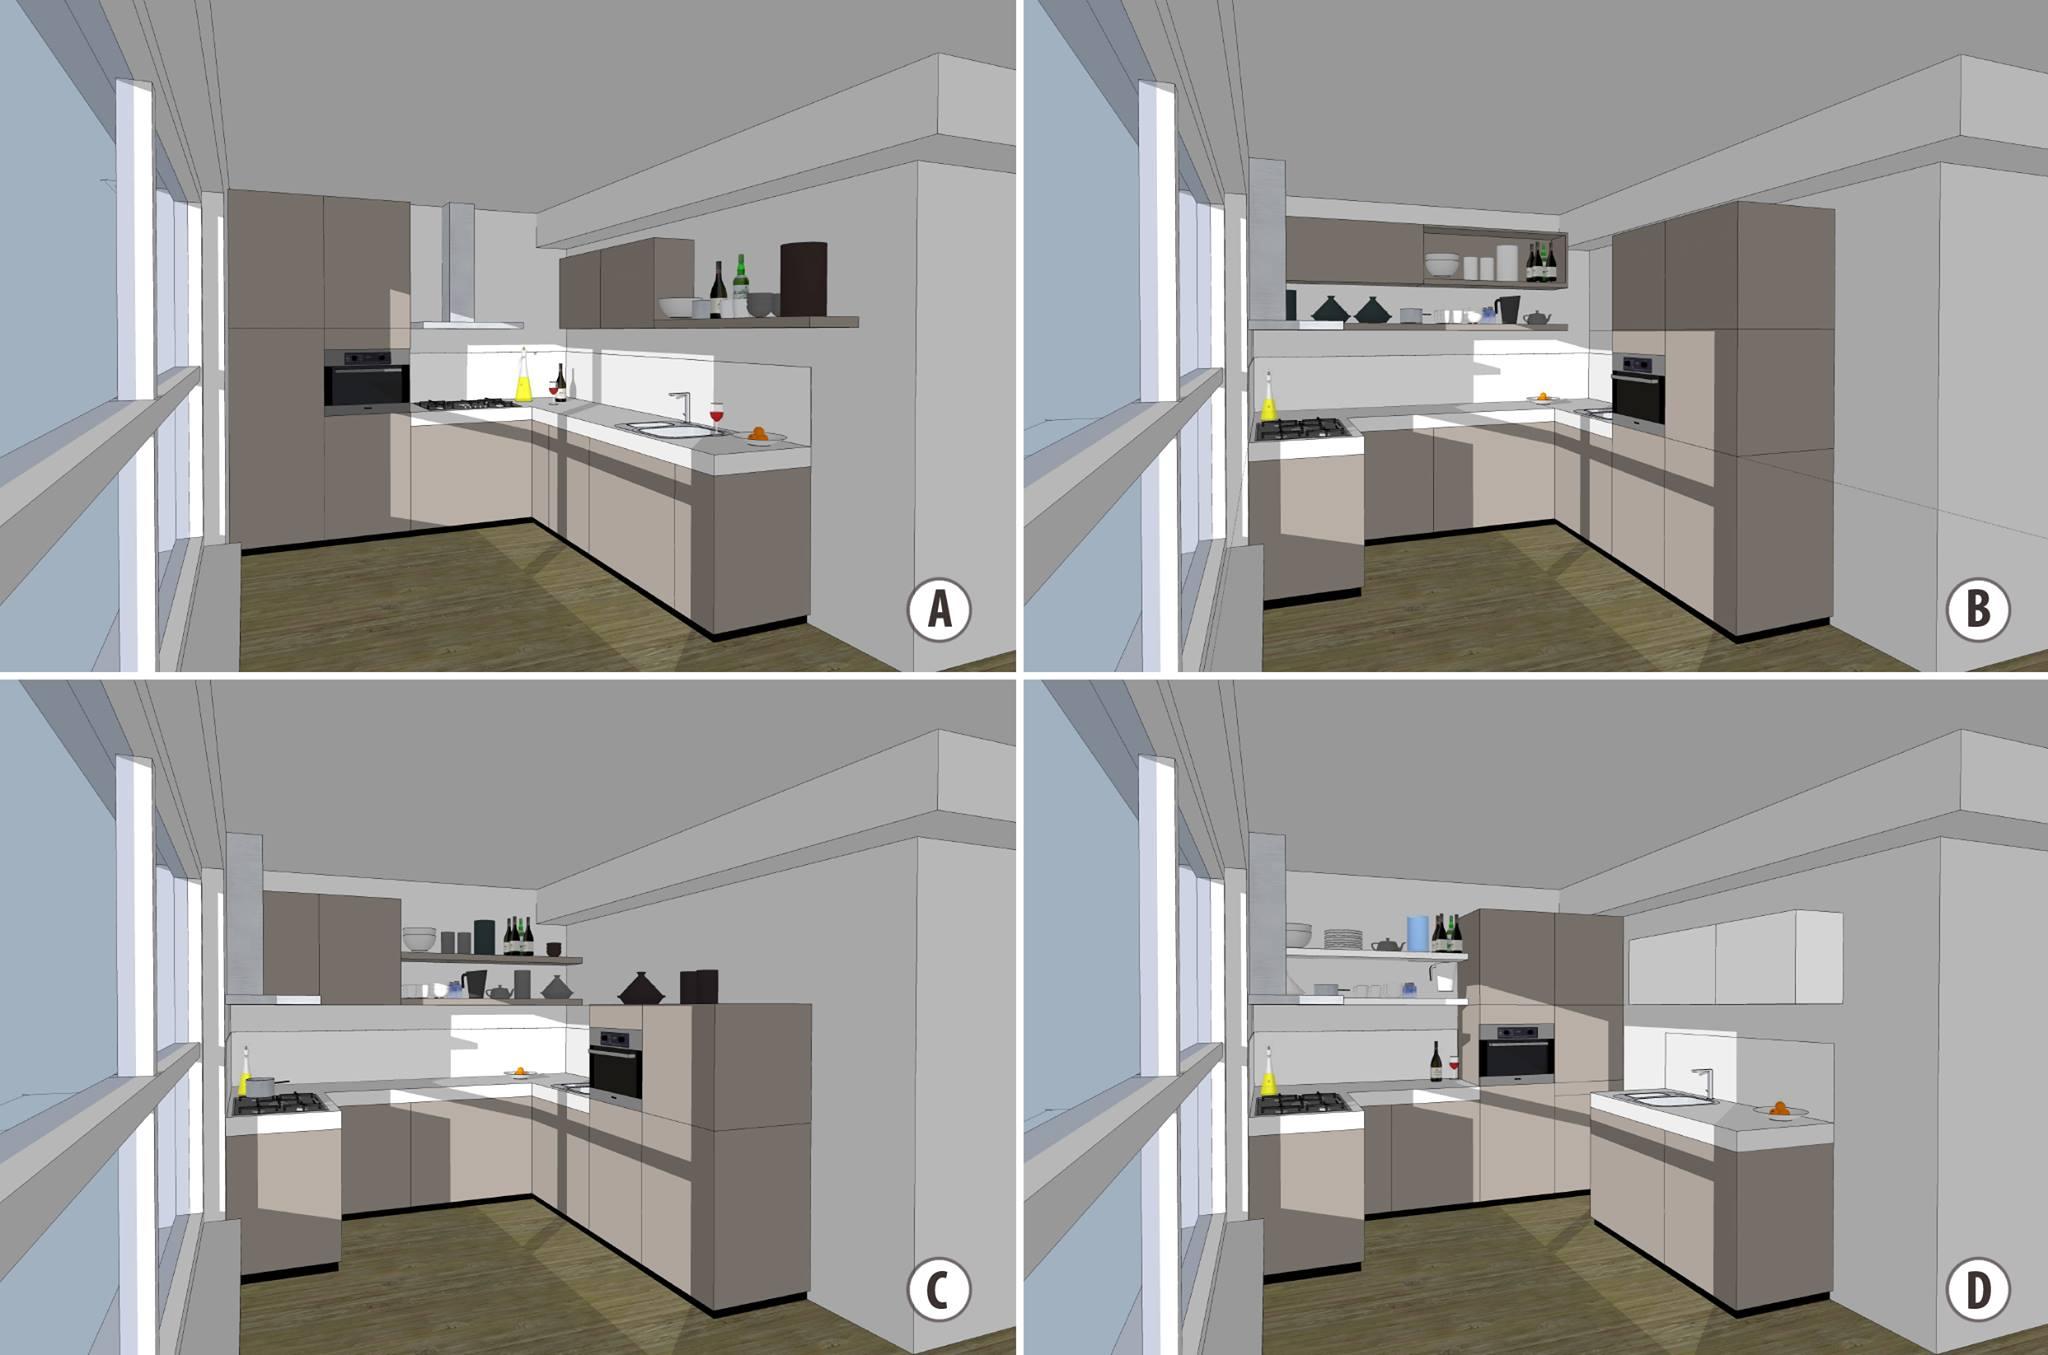 Keuken met open planken met de apparatengroep tegen zijwand en twee - Open keuken m ...